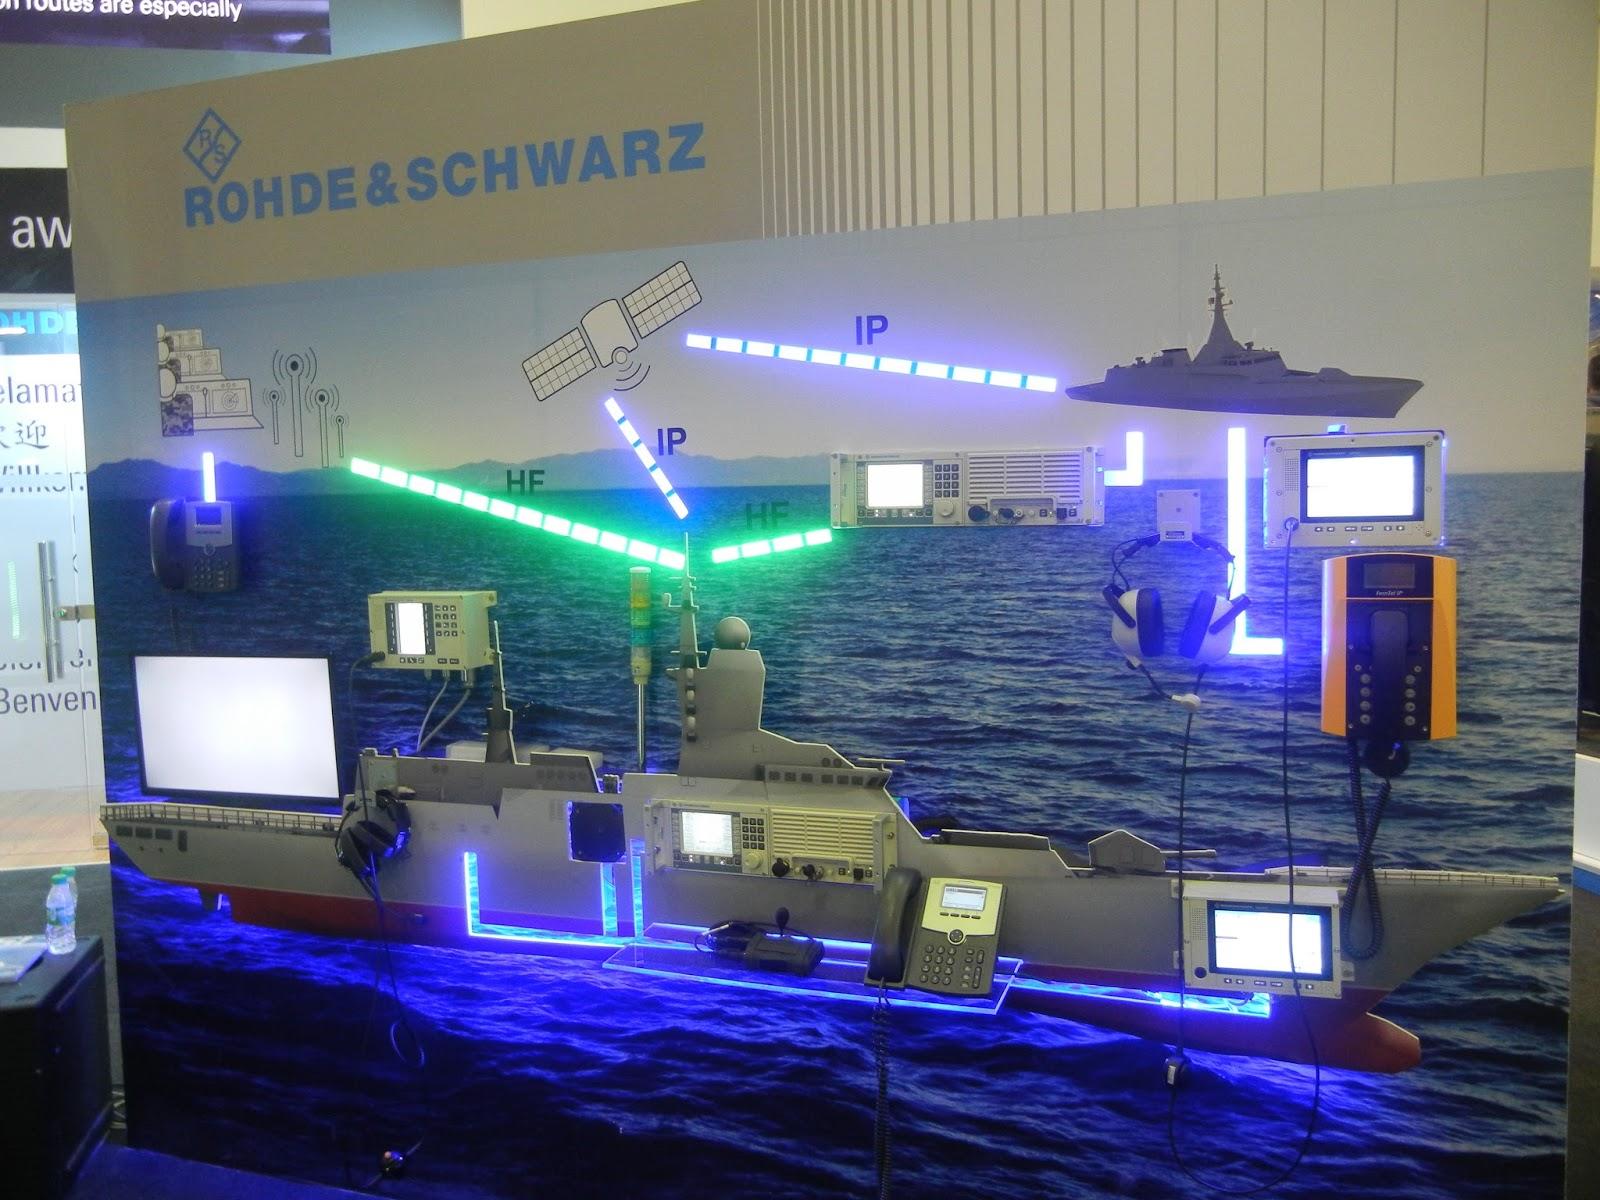 نظام إتصالات بحرية متطور - يتميز بسهولة الحركة على متن السفينة من Rohde & Schwarz DSCN1306